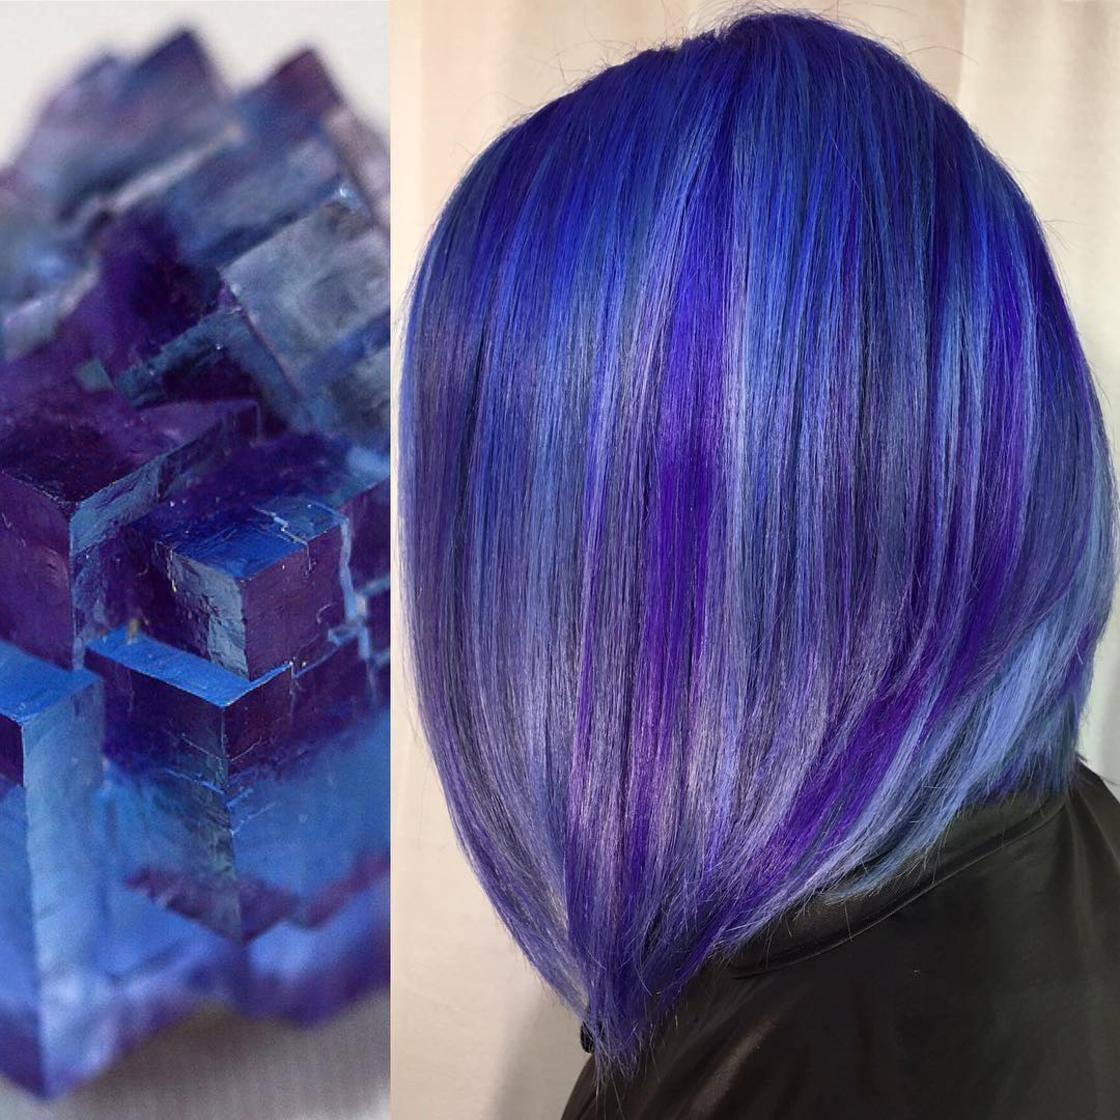 Artista se inspira em imagens fantásticas para mudar a cor do cabelo 3